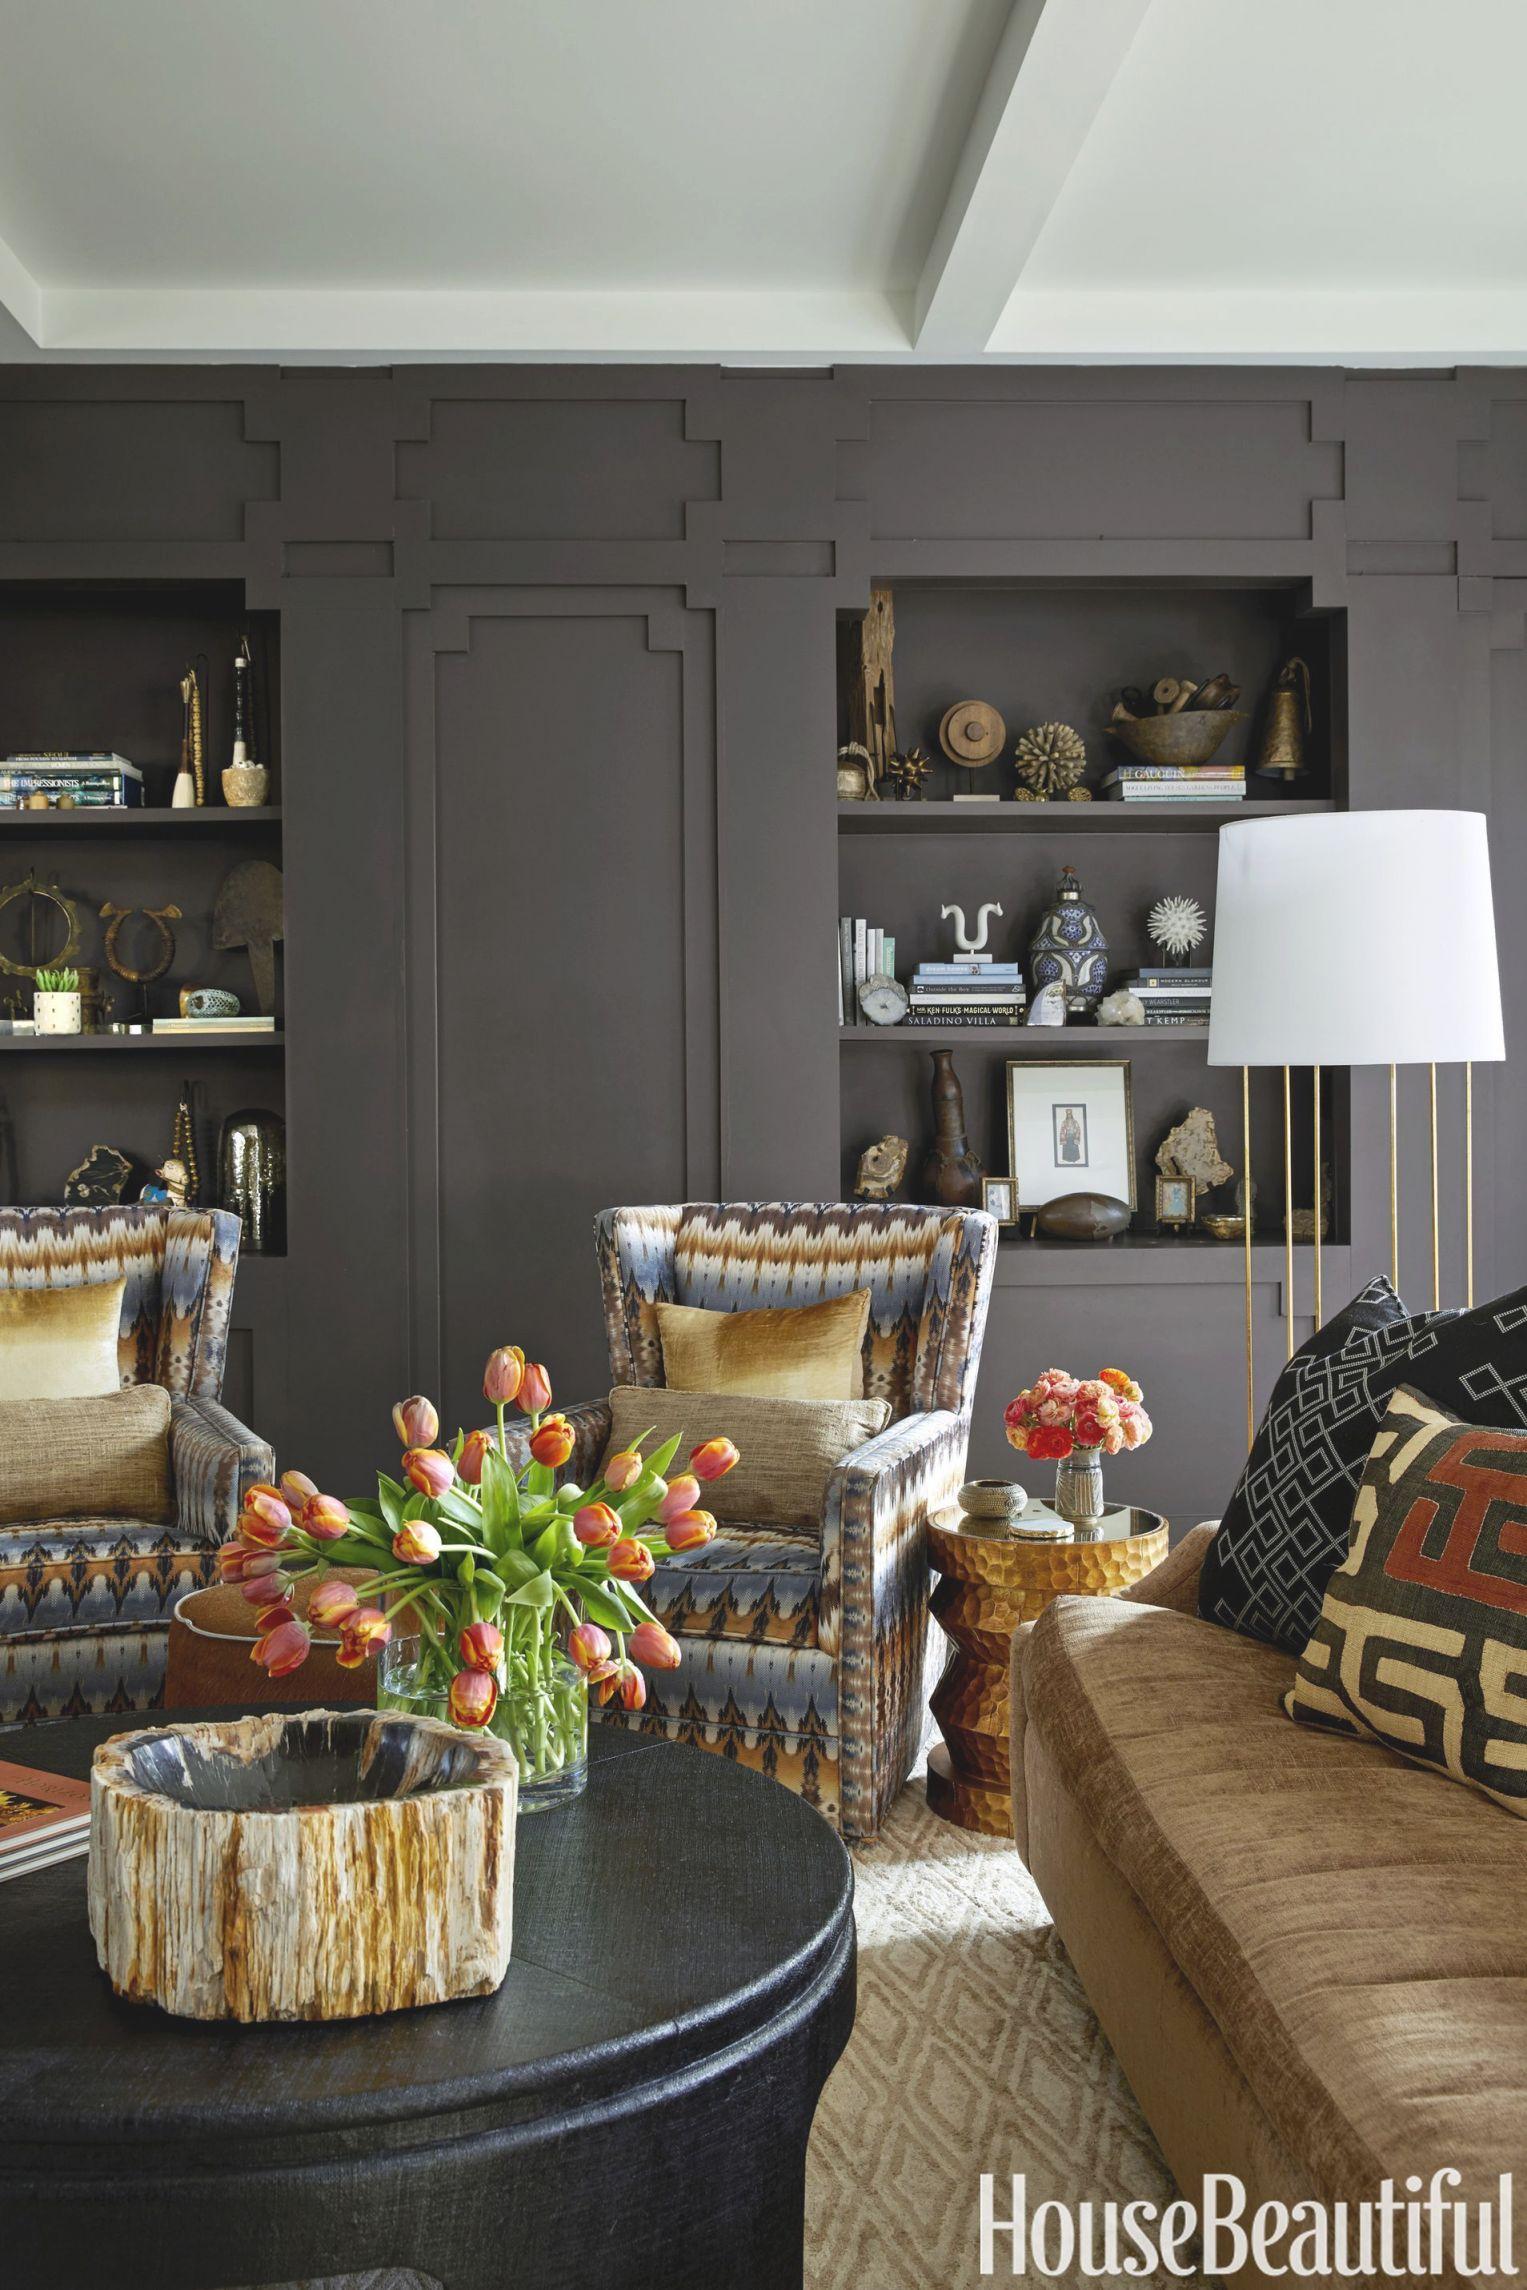 30 Best Living Room Color Ideas - Top Paint Colors For throughout Best Paint For Living Room